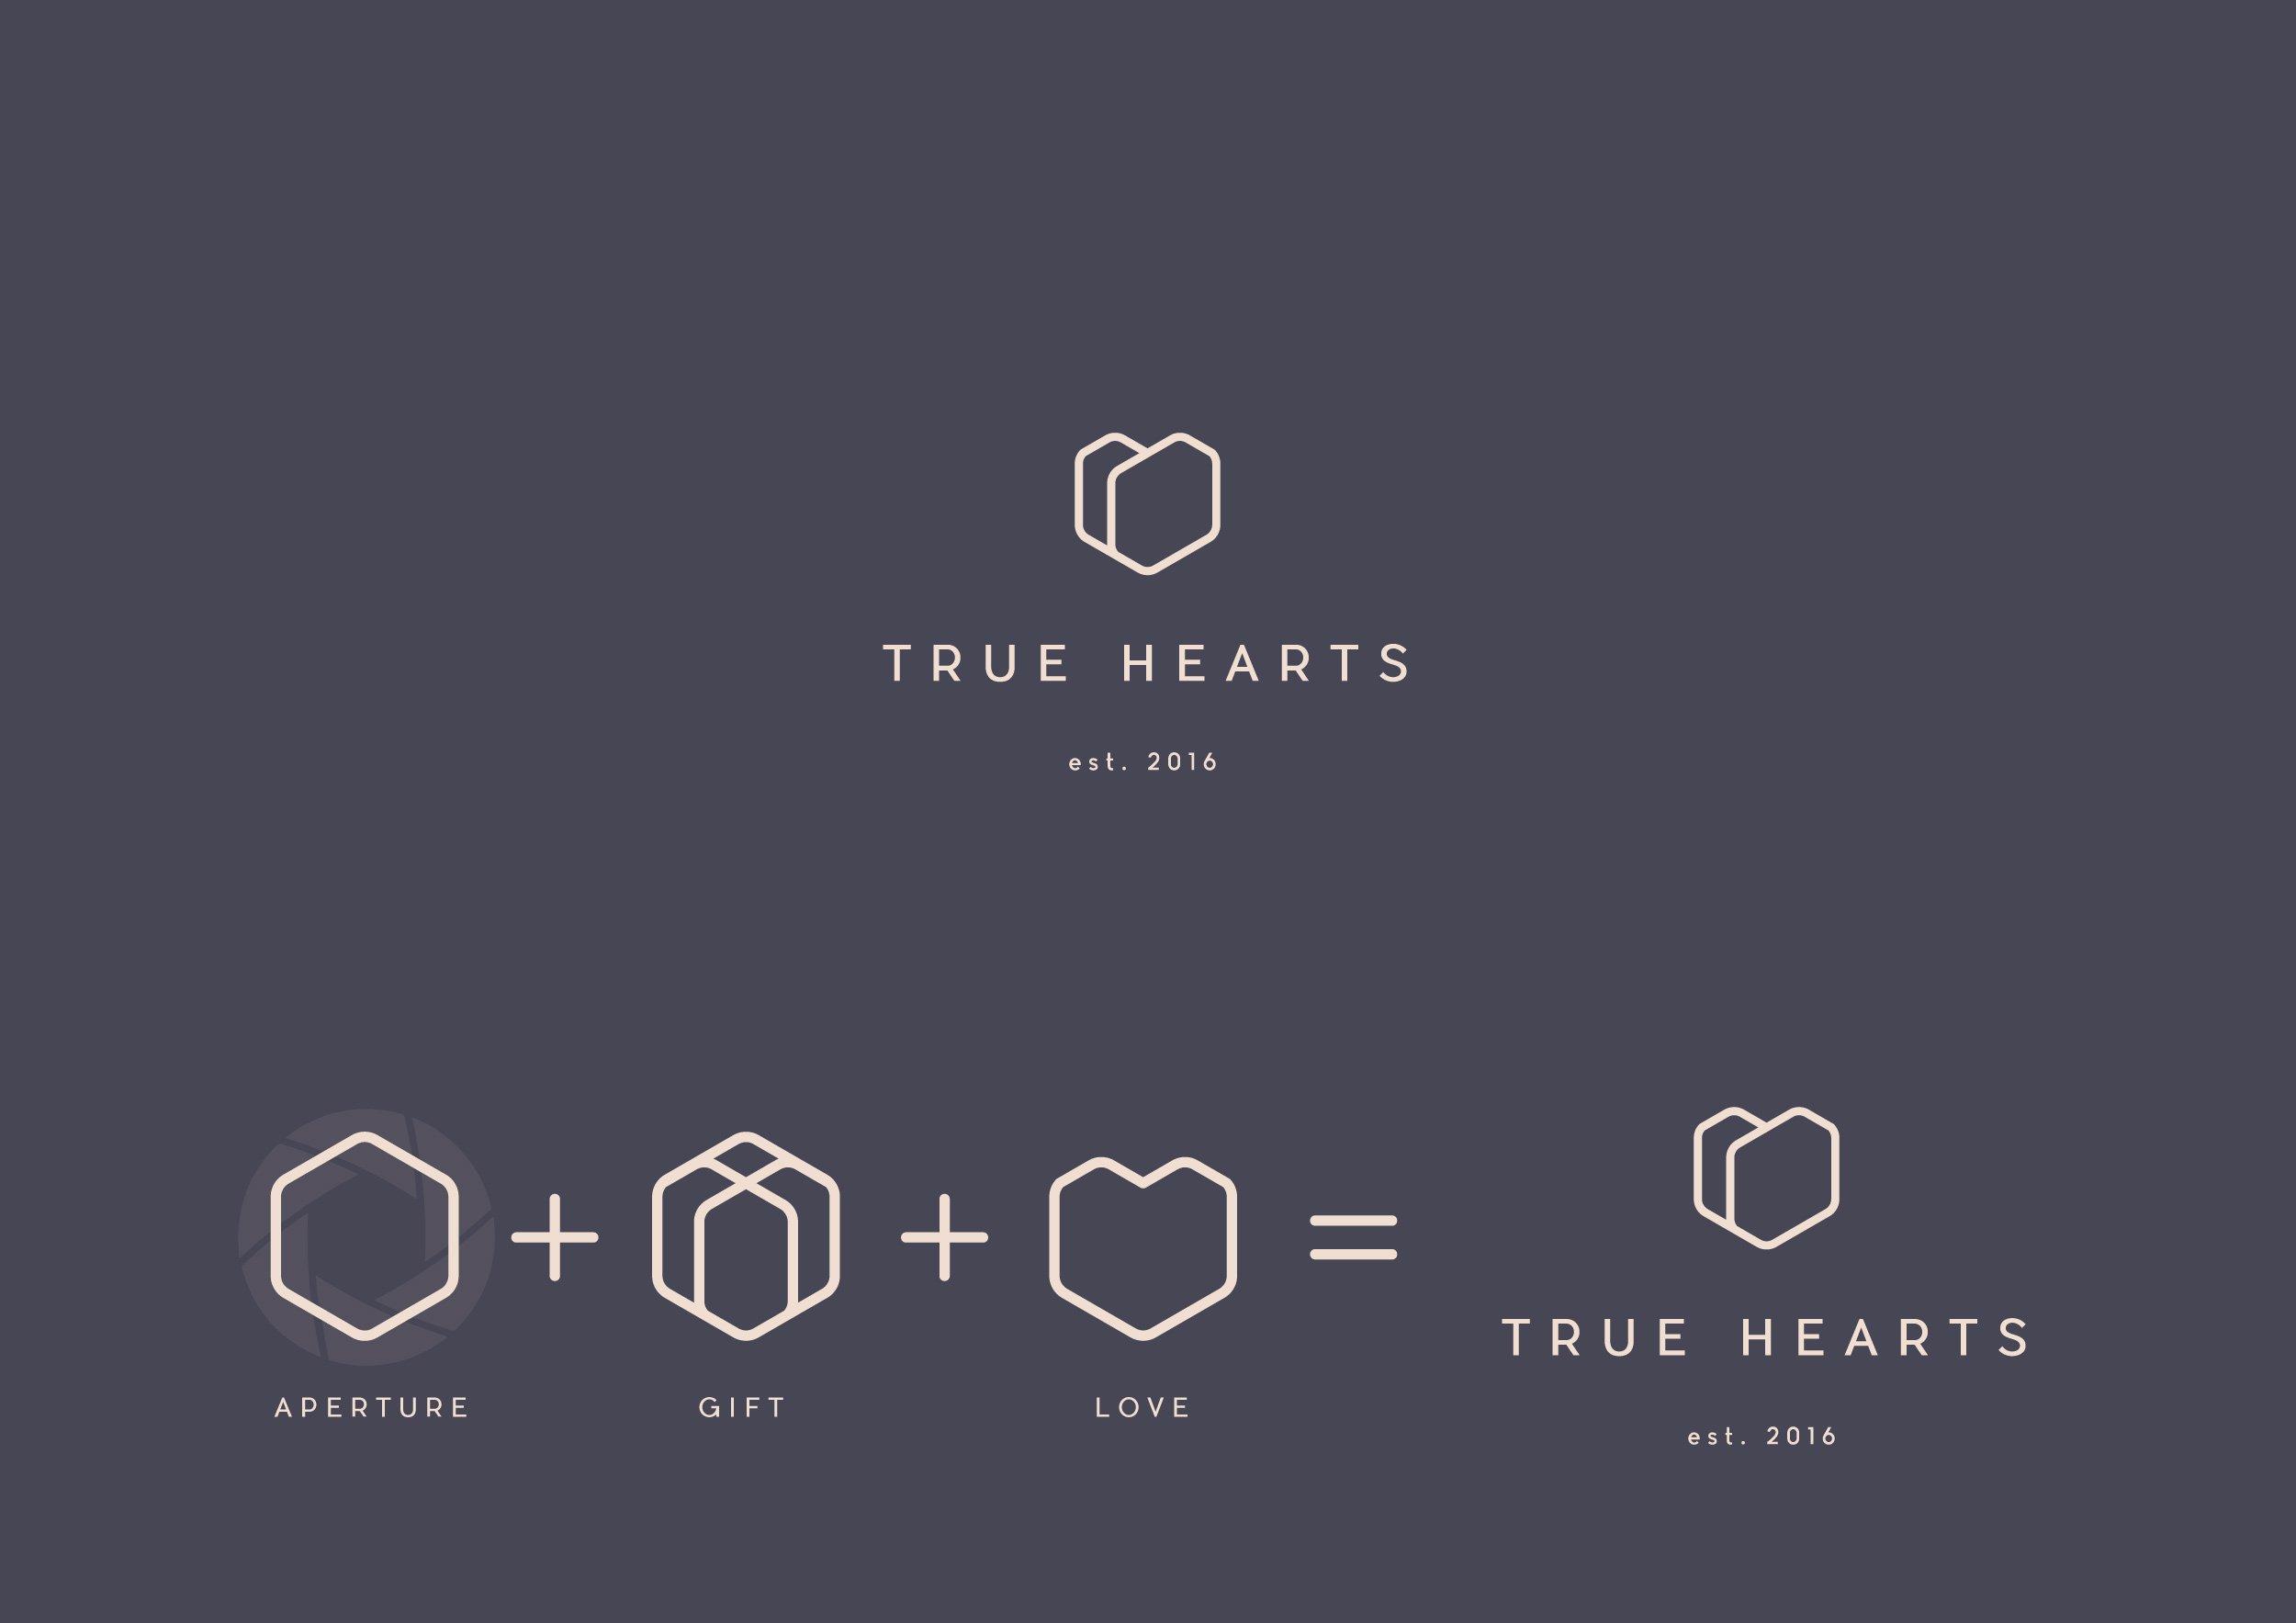 True Hearts - logo design IDI finalist 2017